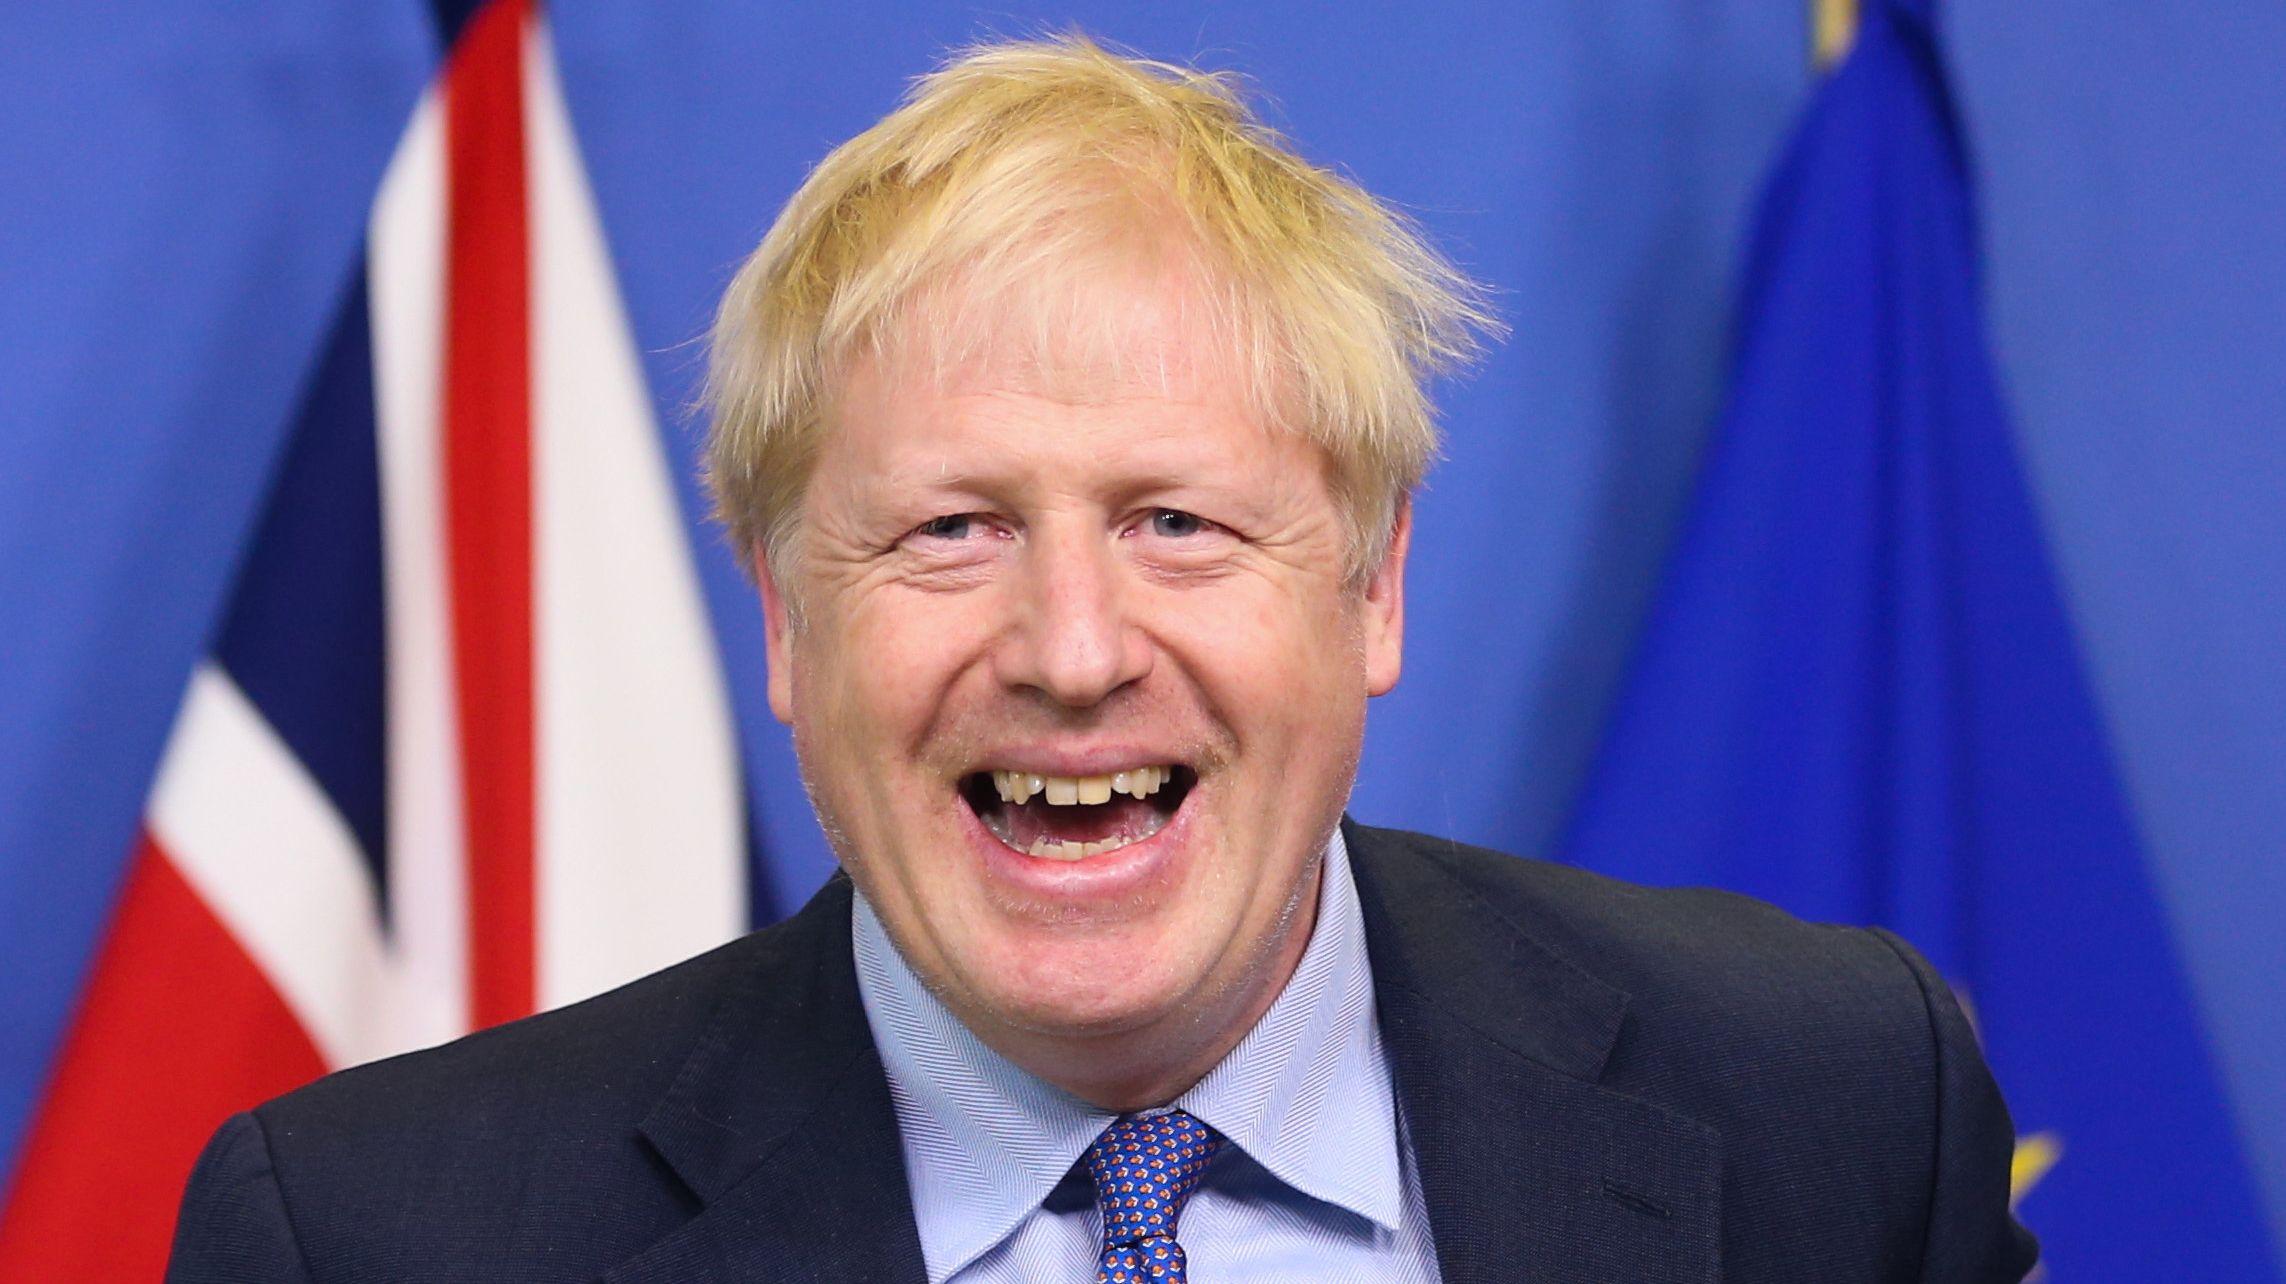 Der britische Premierminister Boris Johnson am 17.10. in Brüssel